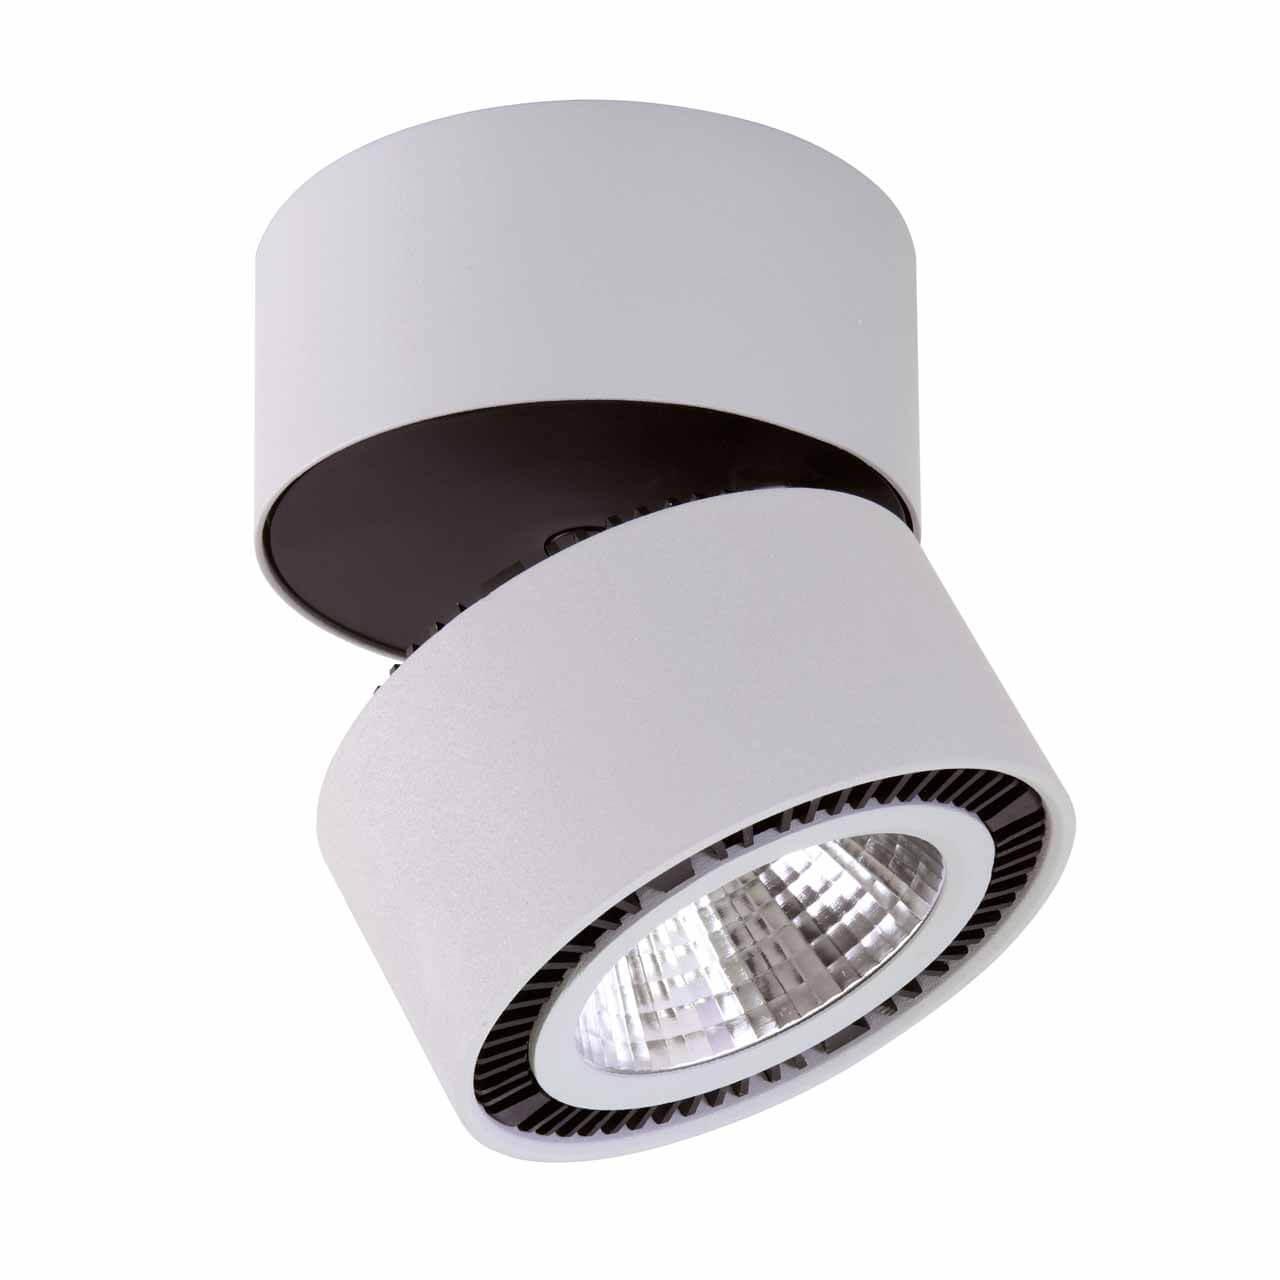 Потолочный светодиодный светильник Lightstar Forte Muro 213859 потолочный светодиодный светильник lightstar forte muro 214839